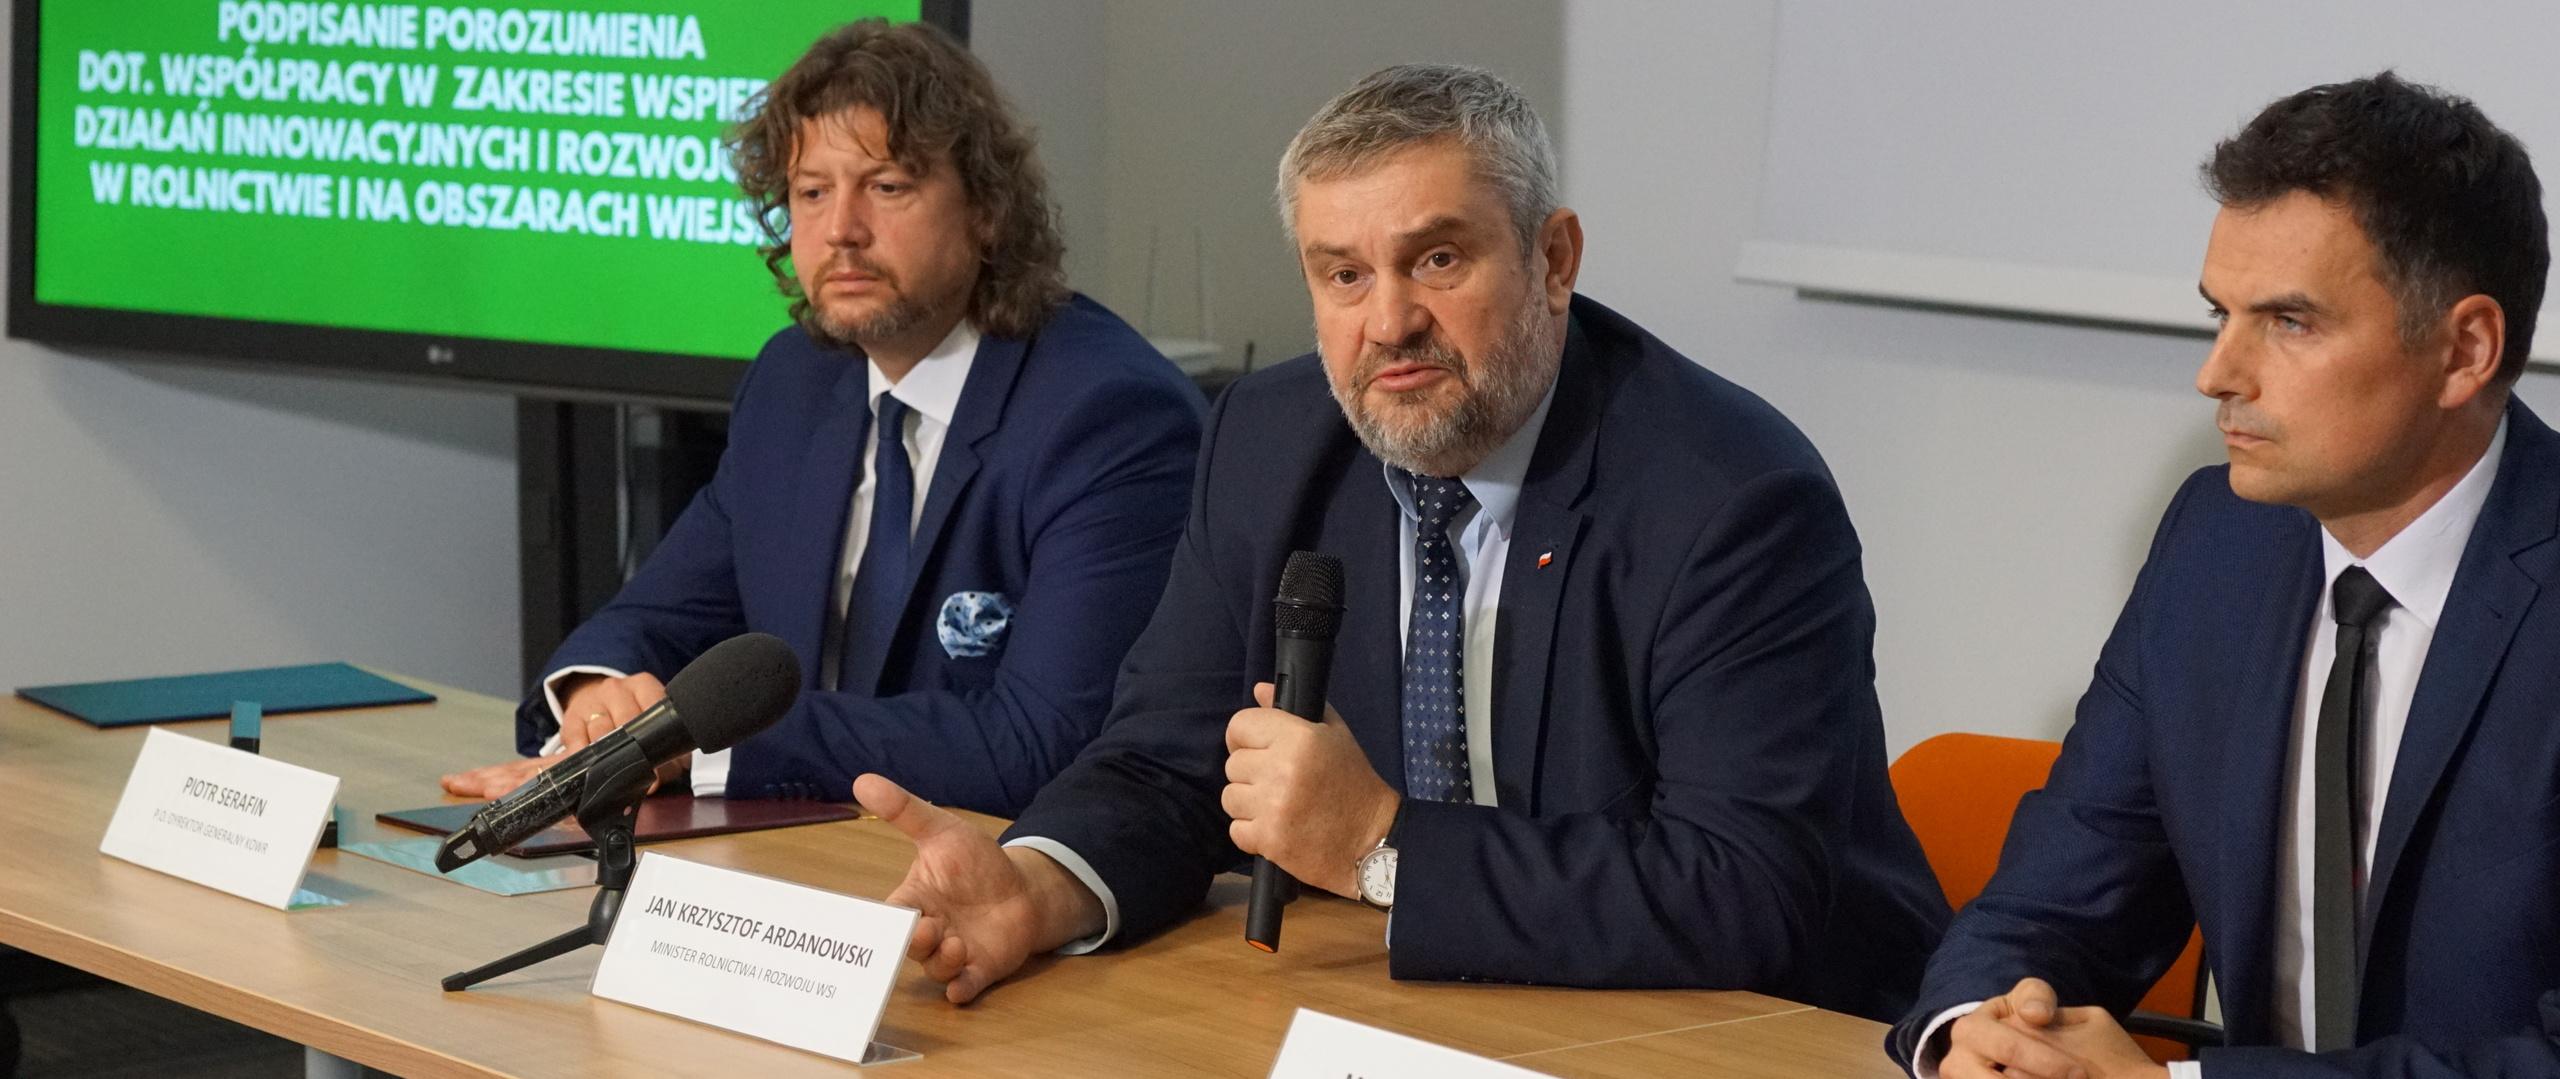 Innowacje dla rolnictwa - porozumienie KOWR i NCBR